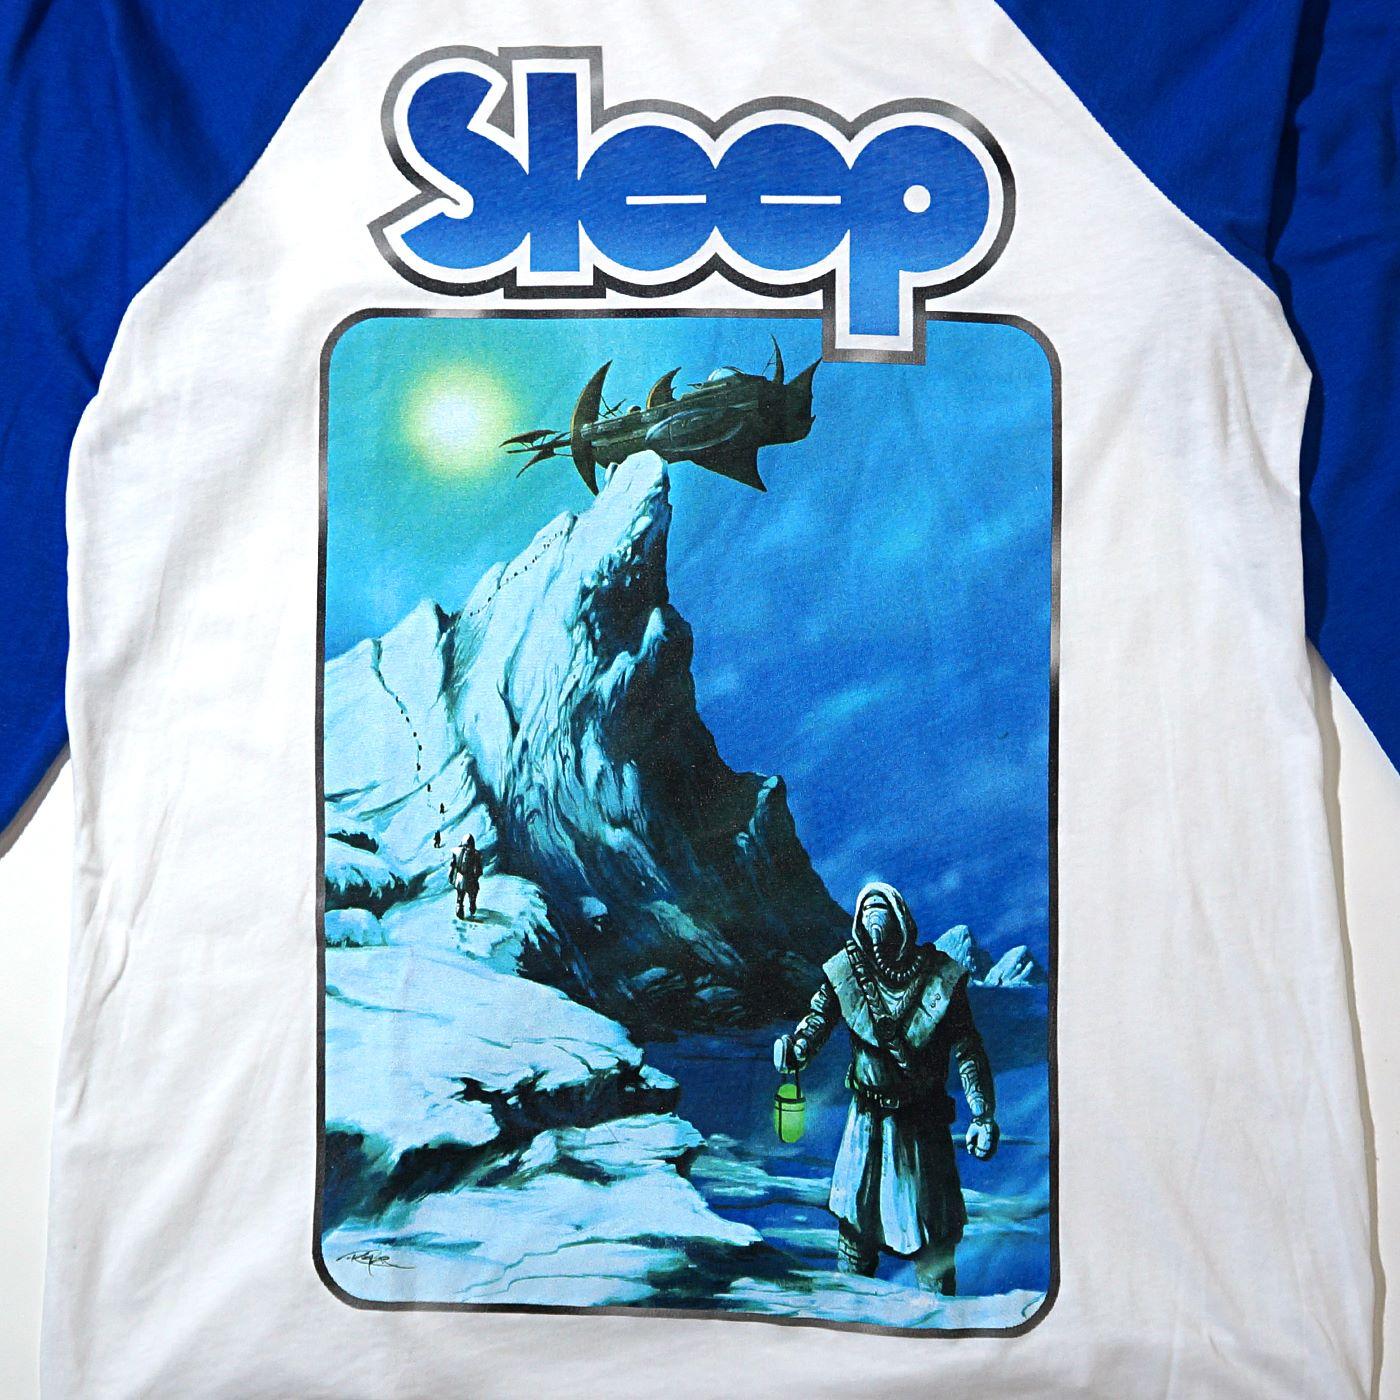 SLEEP ラグランTシャツ Antarcticans Thawed Wht/Blue